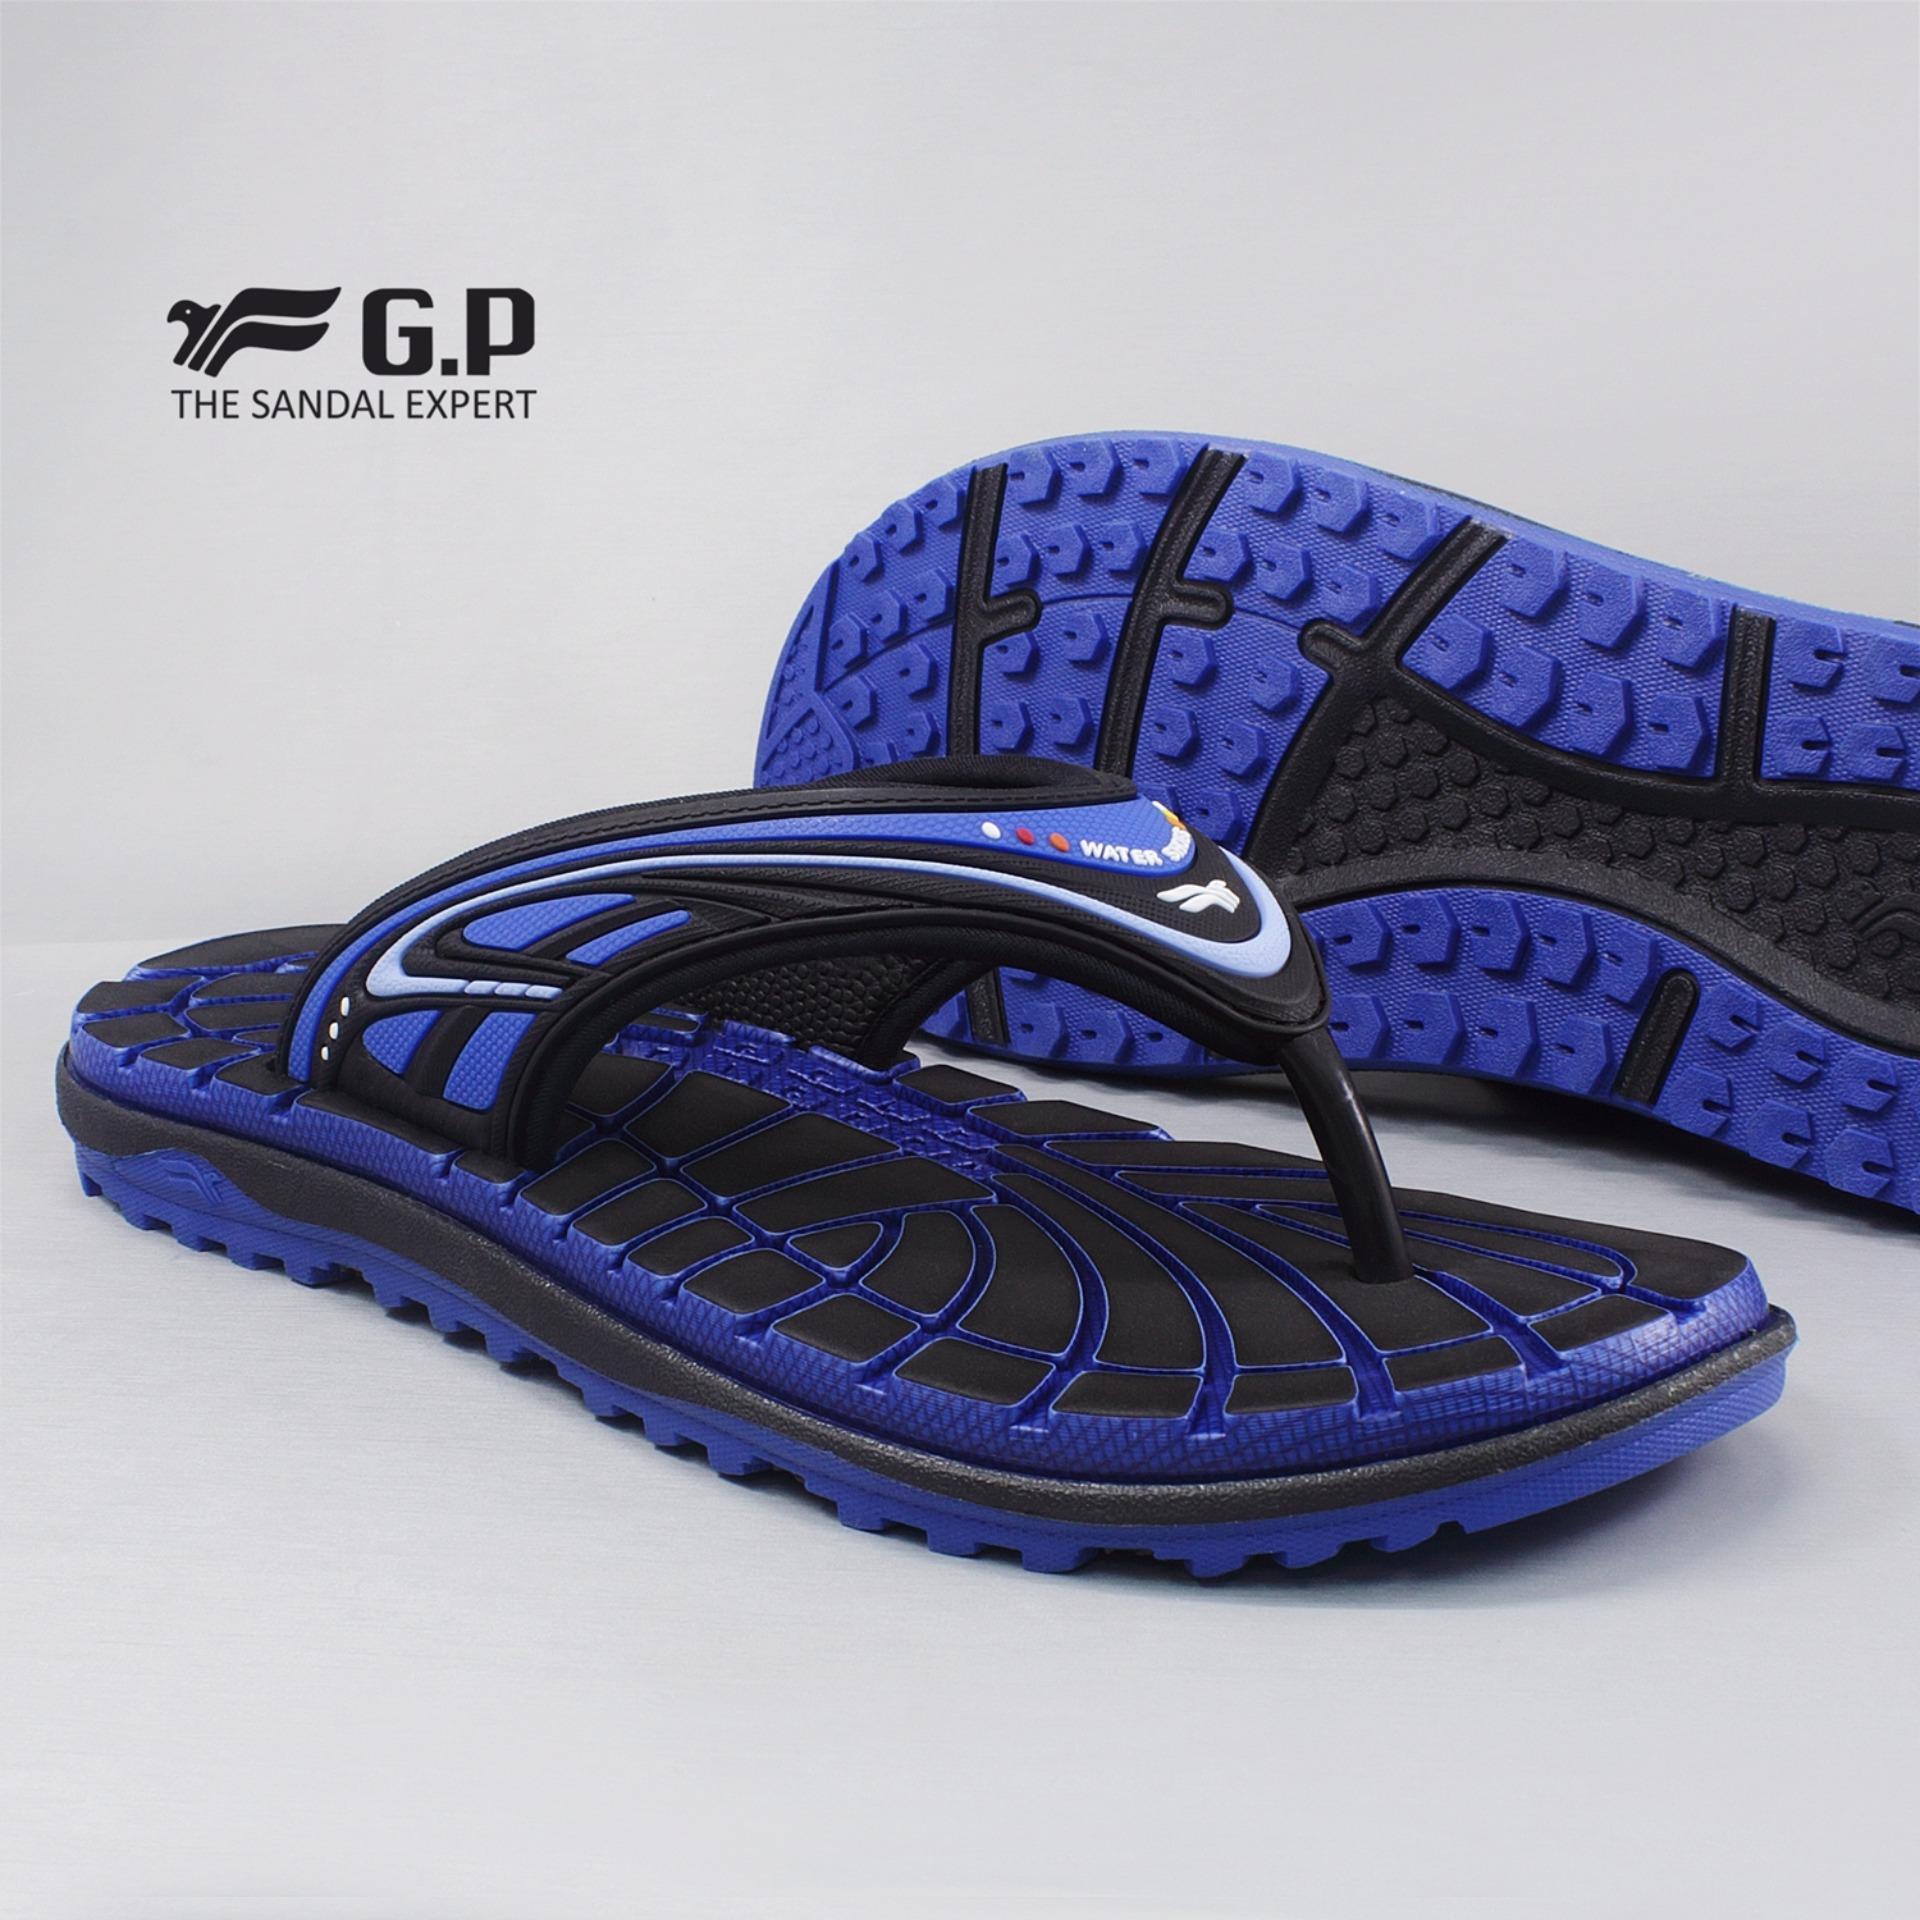 Berapa Harga New Gp Gold Pigeon Sandal Pria Elast Blue G7591 23 Di Jawa Timur